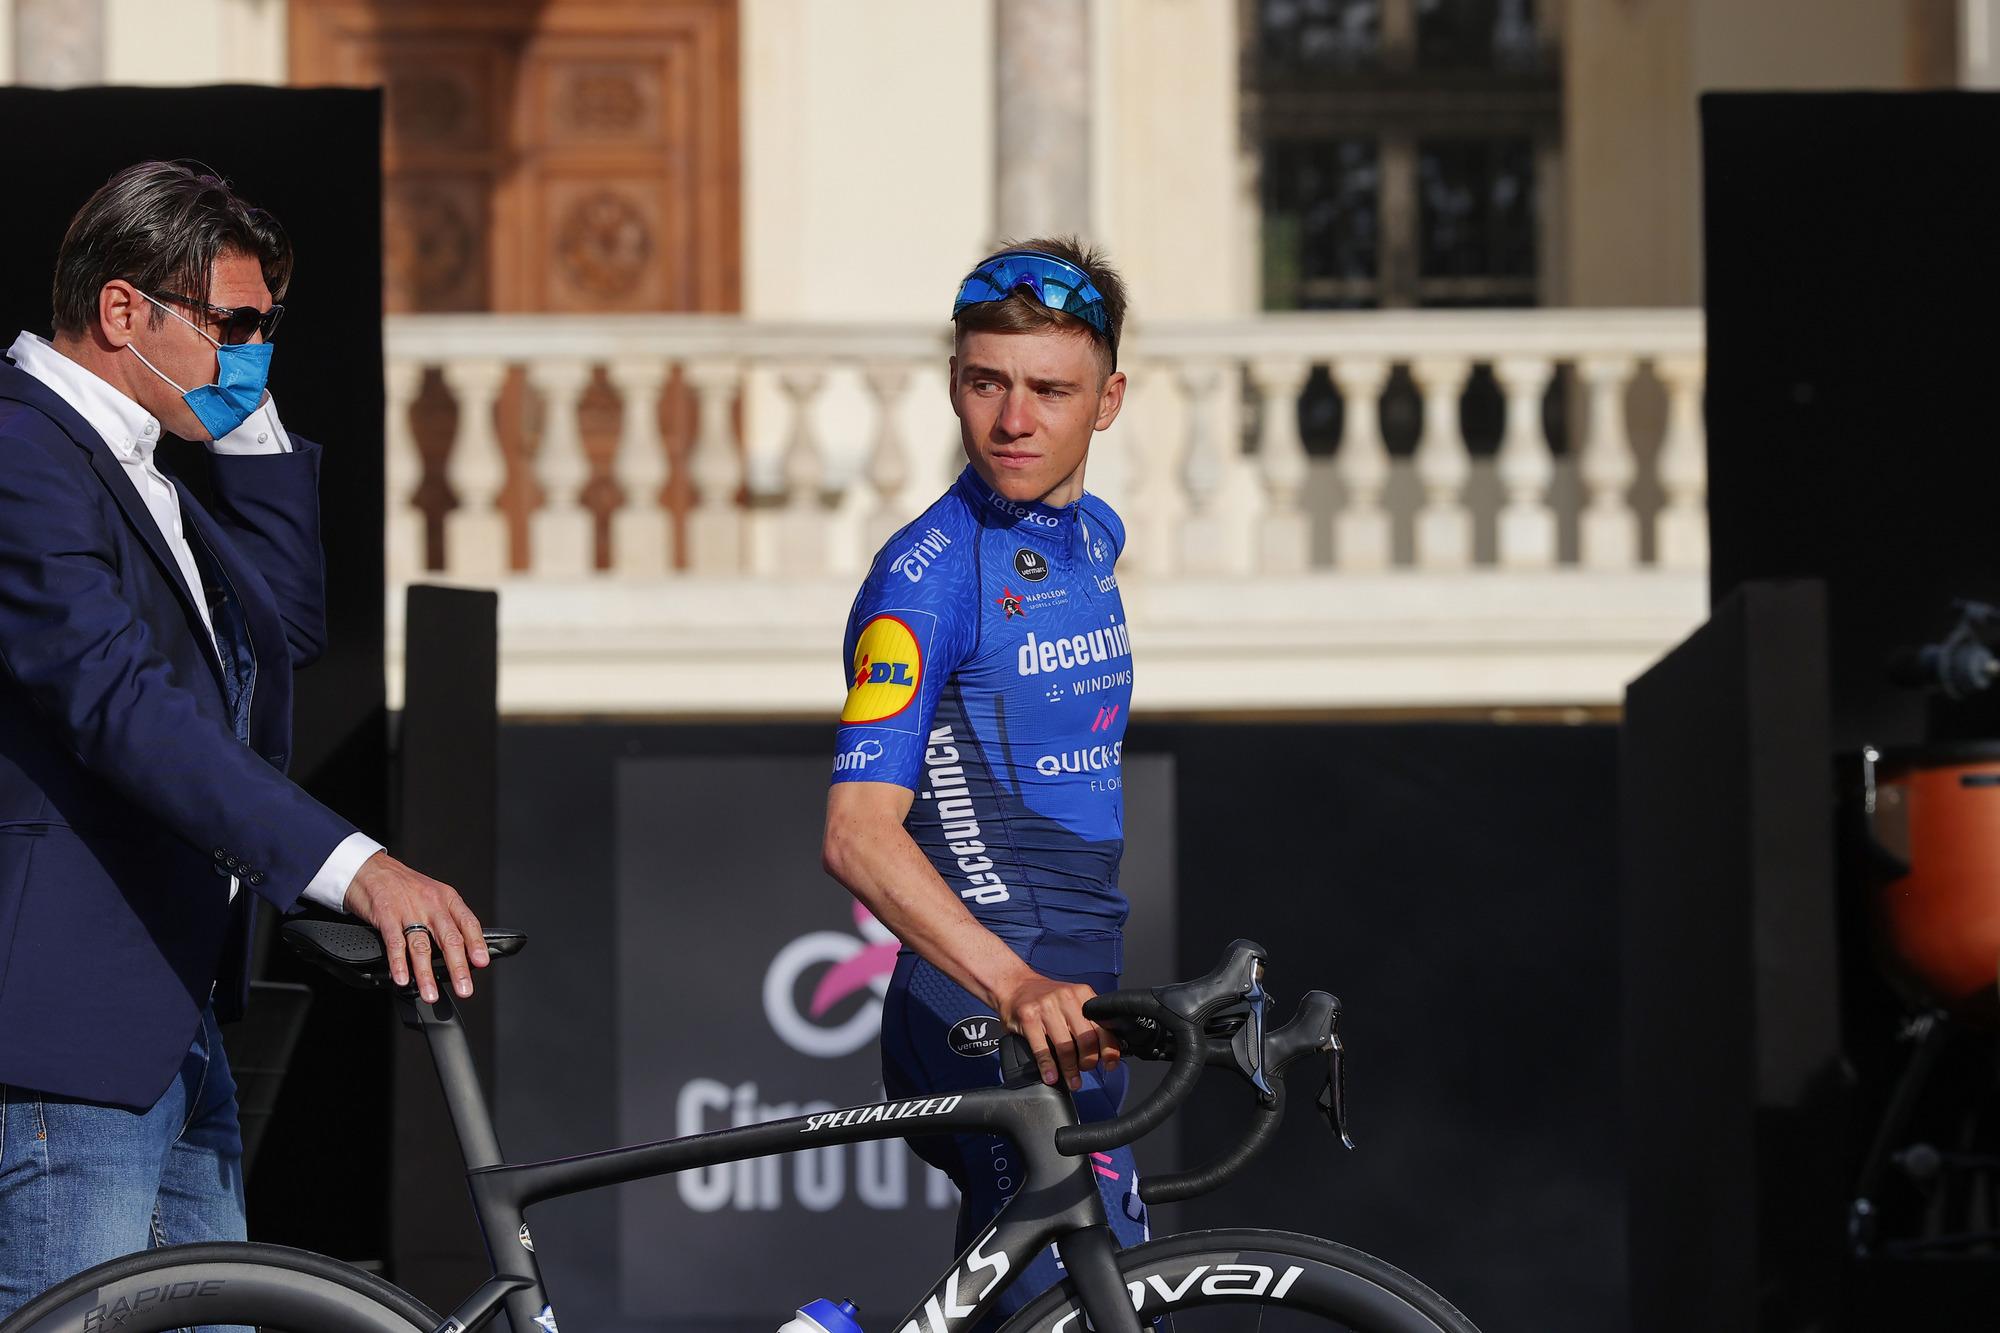 Giro d'Italia 2021 - 104th Edition - Torino - Castello del Valentino - Team Presentation - 06/05/2021 - Remco Evenepoel (BEL - Deceuninck - Quick-Step) - photo Luca Bettini/BettiniPhoto©2021